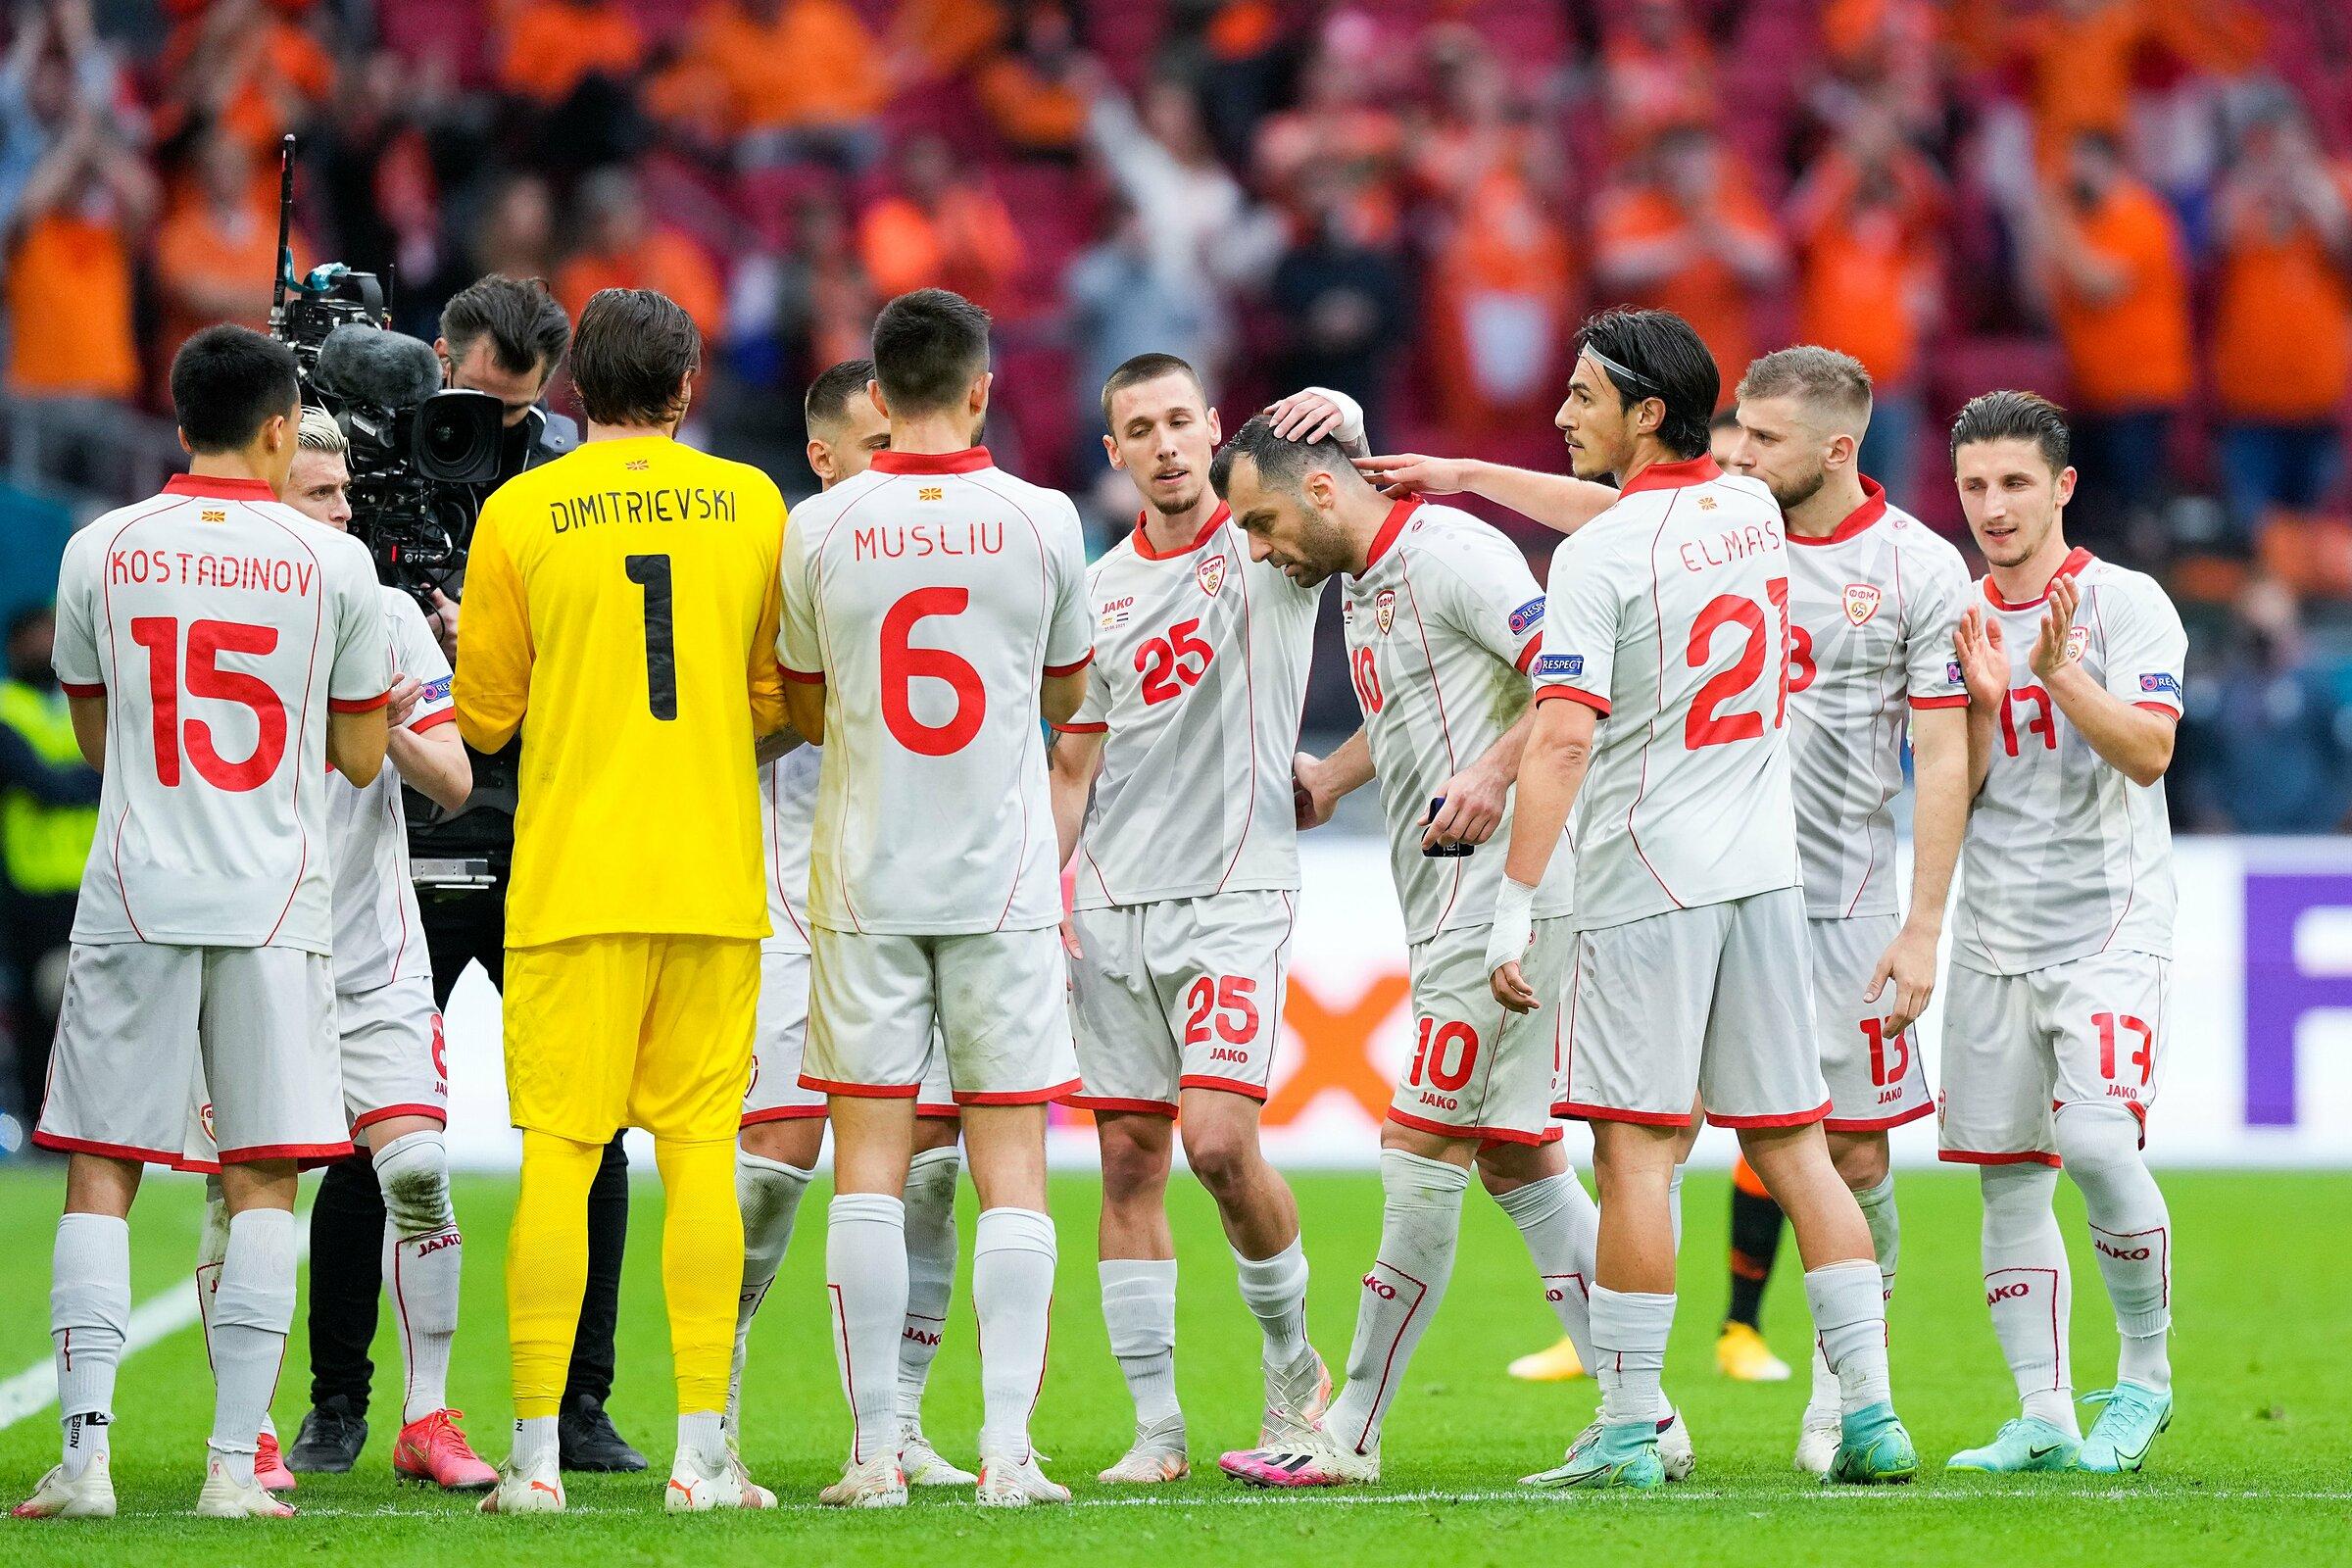 Đồng đội vỗ tay tri ân Pandev trong trận chia tay đội tuyển. Ảnh: AP